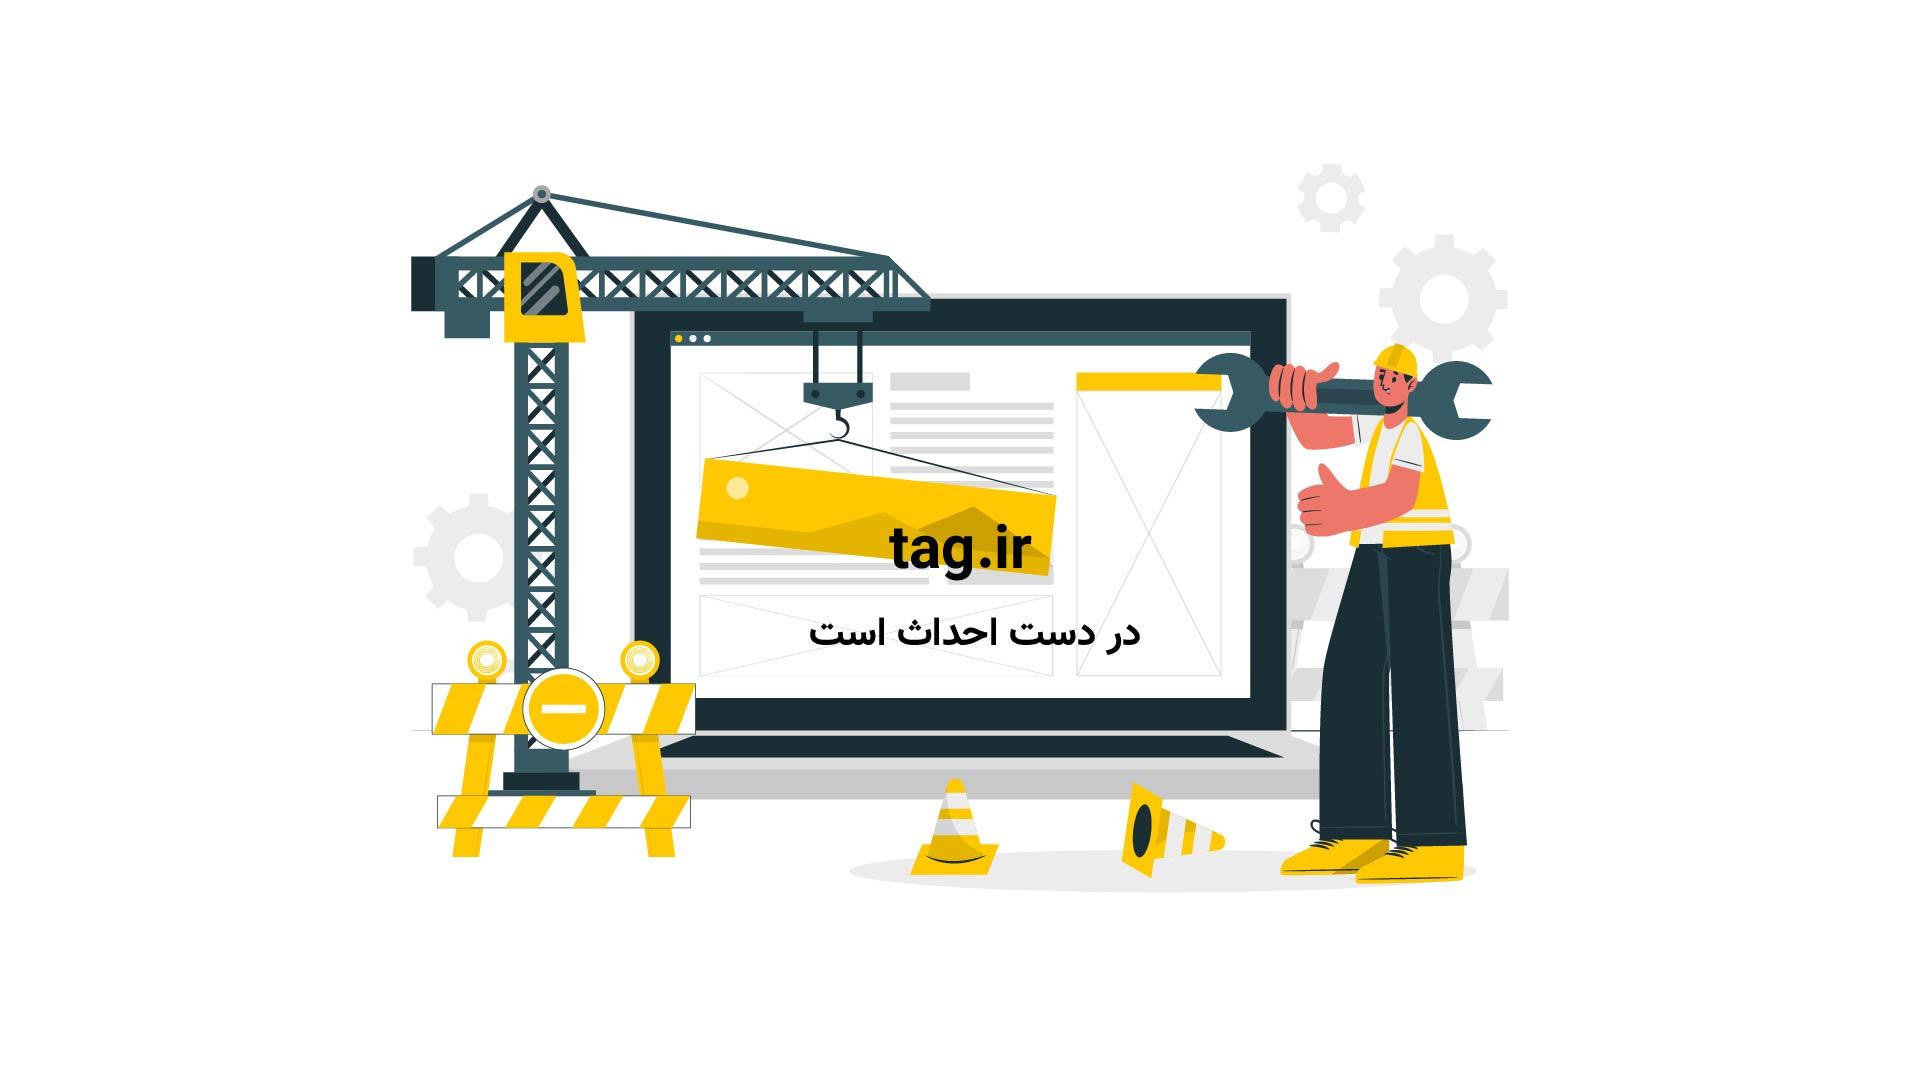 آتش سوزی کارخانه تولید فیلتر | تگ